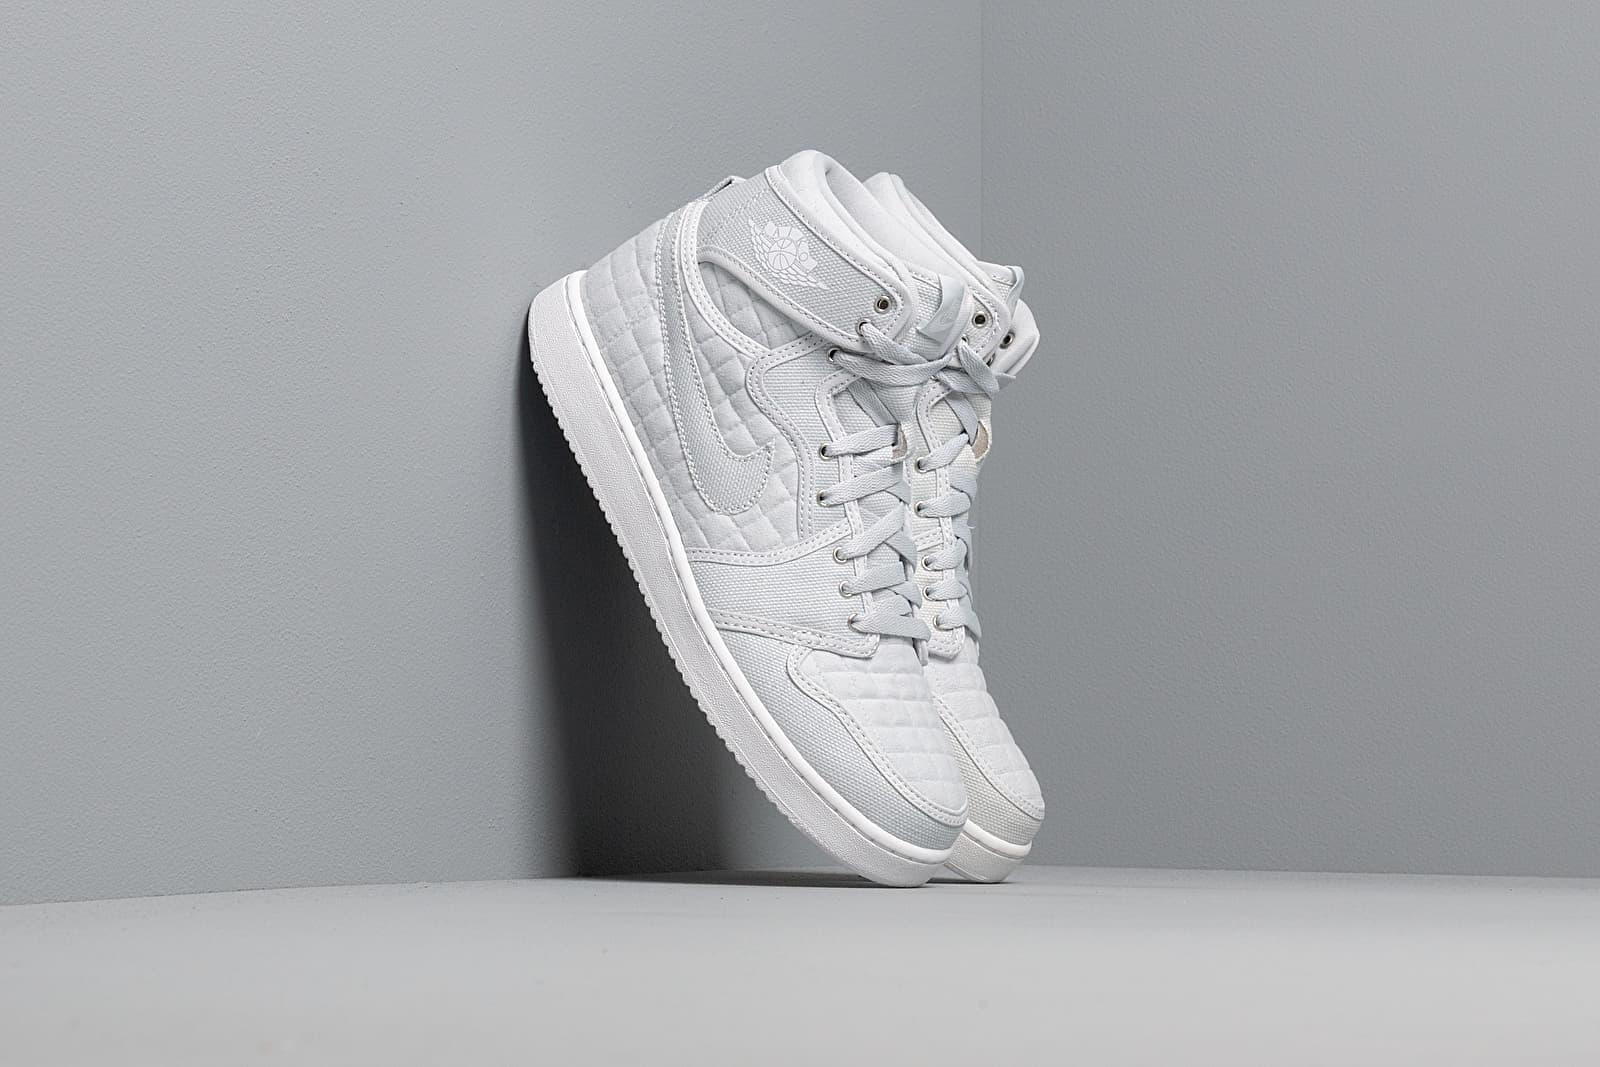 Pánské tenisky a boty Air Jordan 1 KO High OG Pure Platinum/ White-Metallic Silver